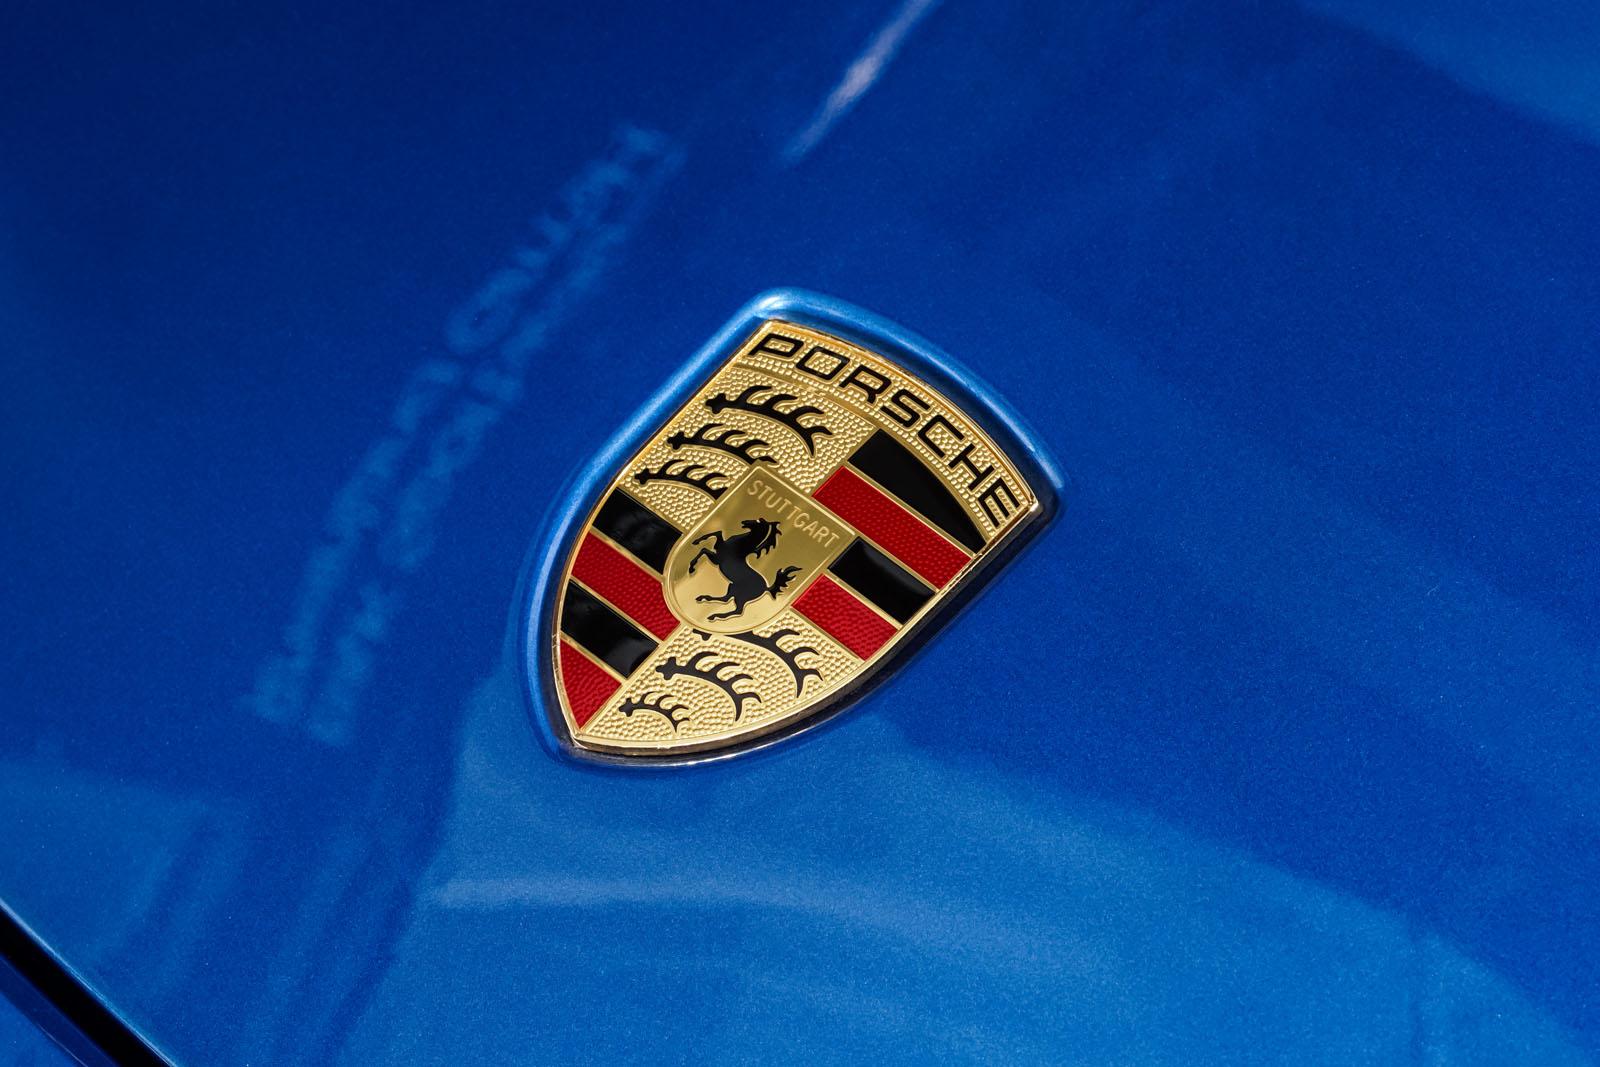 Porsche_Cayman_Blau_Schwarz_POR-0613_11_w